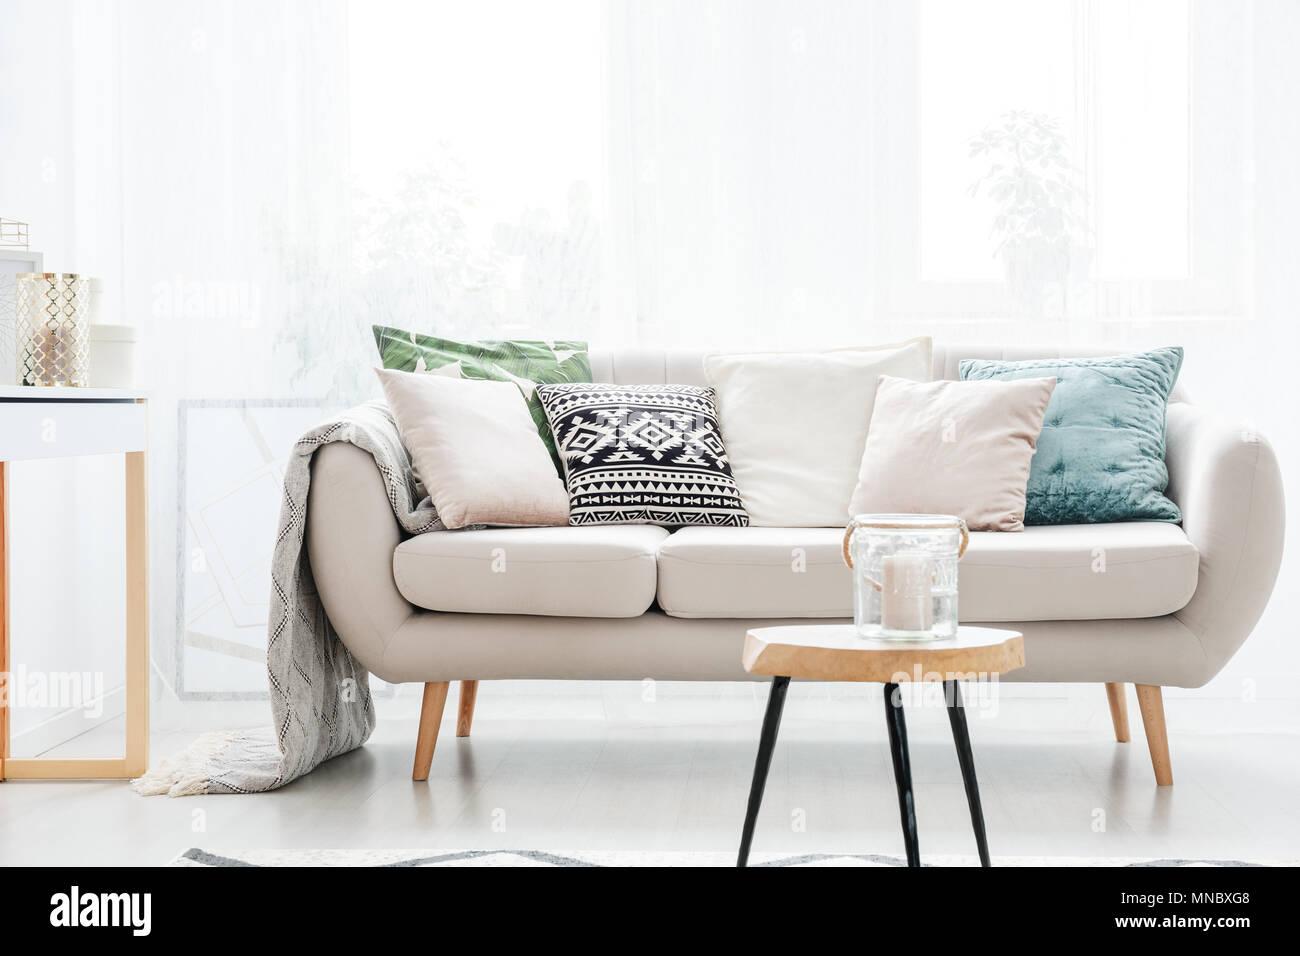 Peachy Kerze Im Glas Auf Dem Tisch Vor Beige Sofa Mit Kissen Im Forskolin Free Trial Chair Design Images Forskolin Free Trialorg